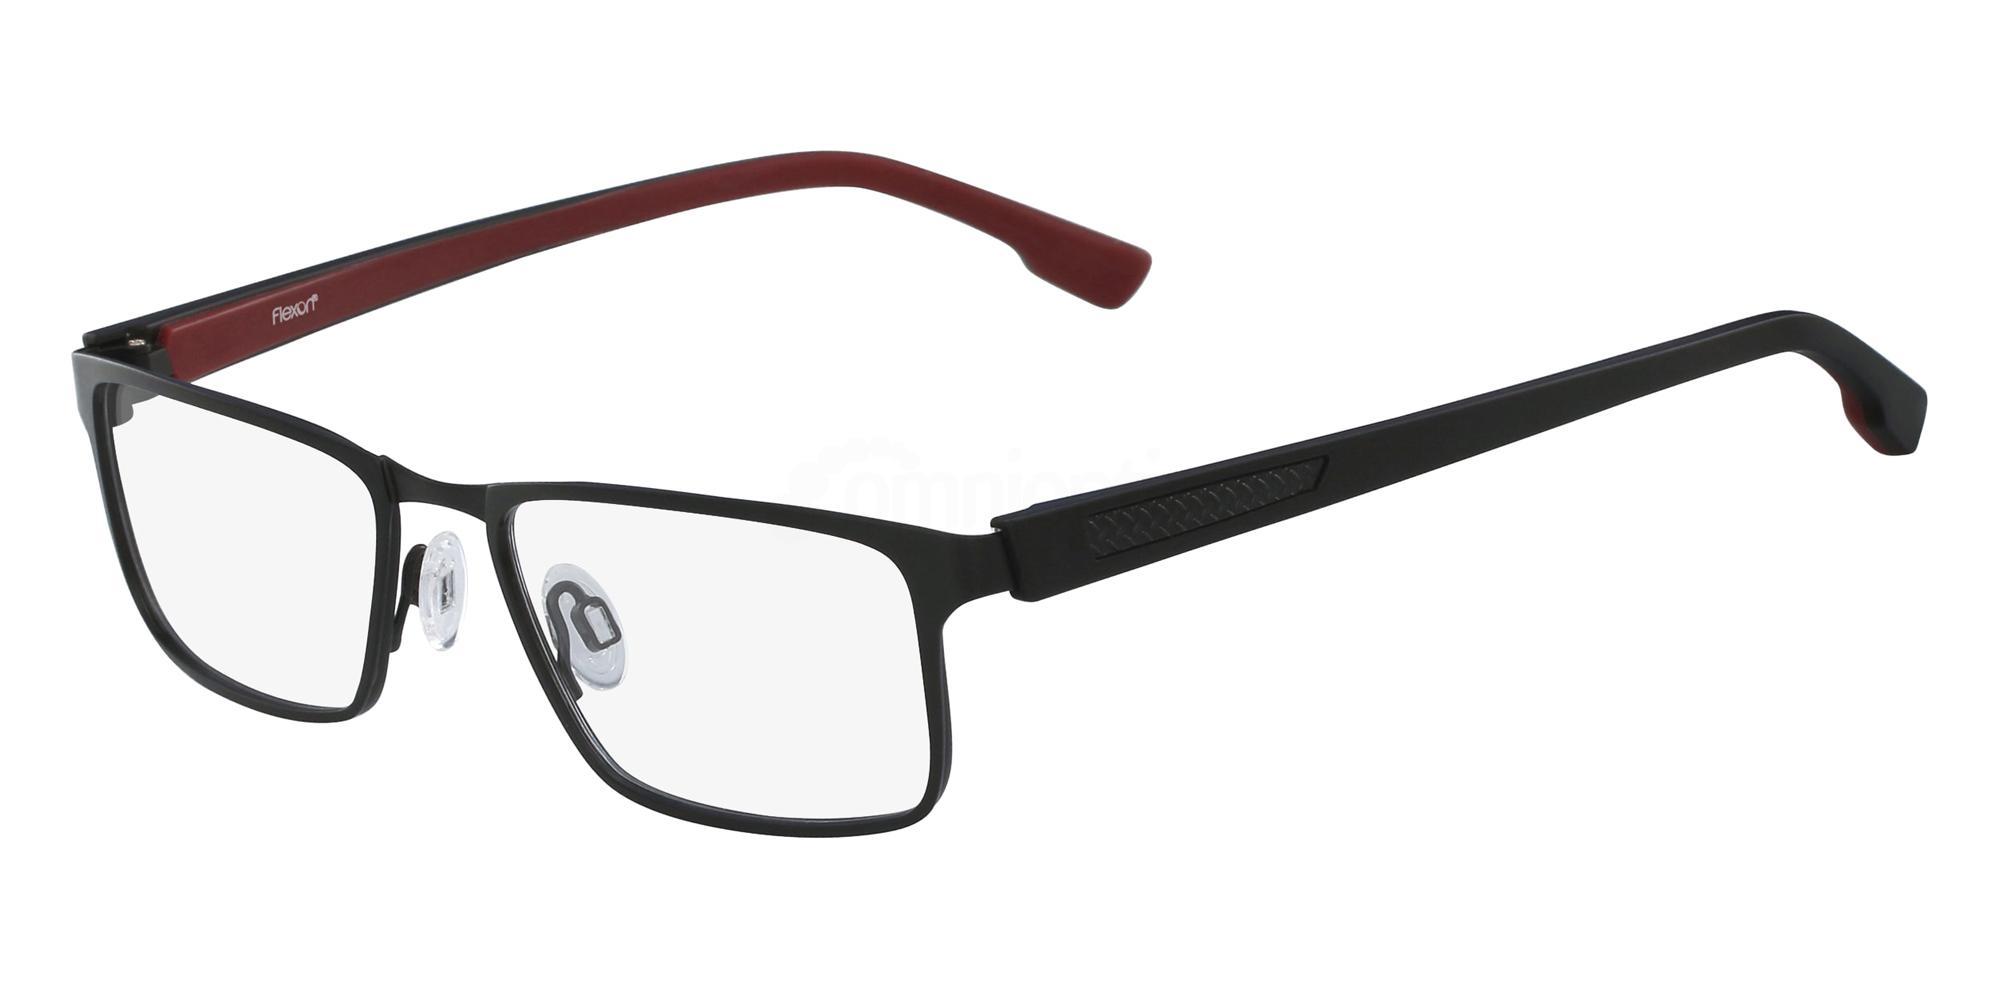 001 FLEXON E1041 Glasses, Flexon